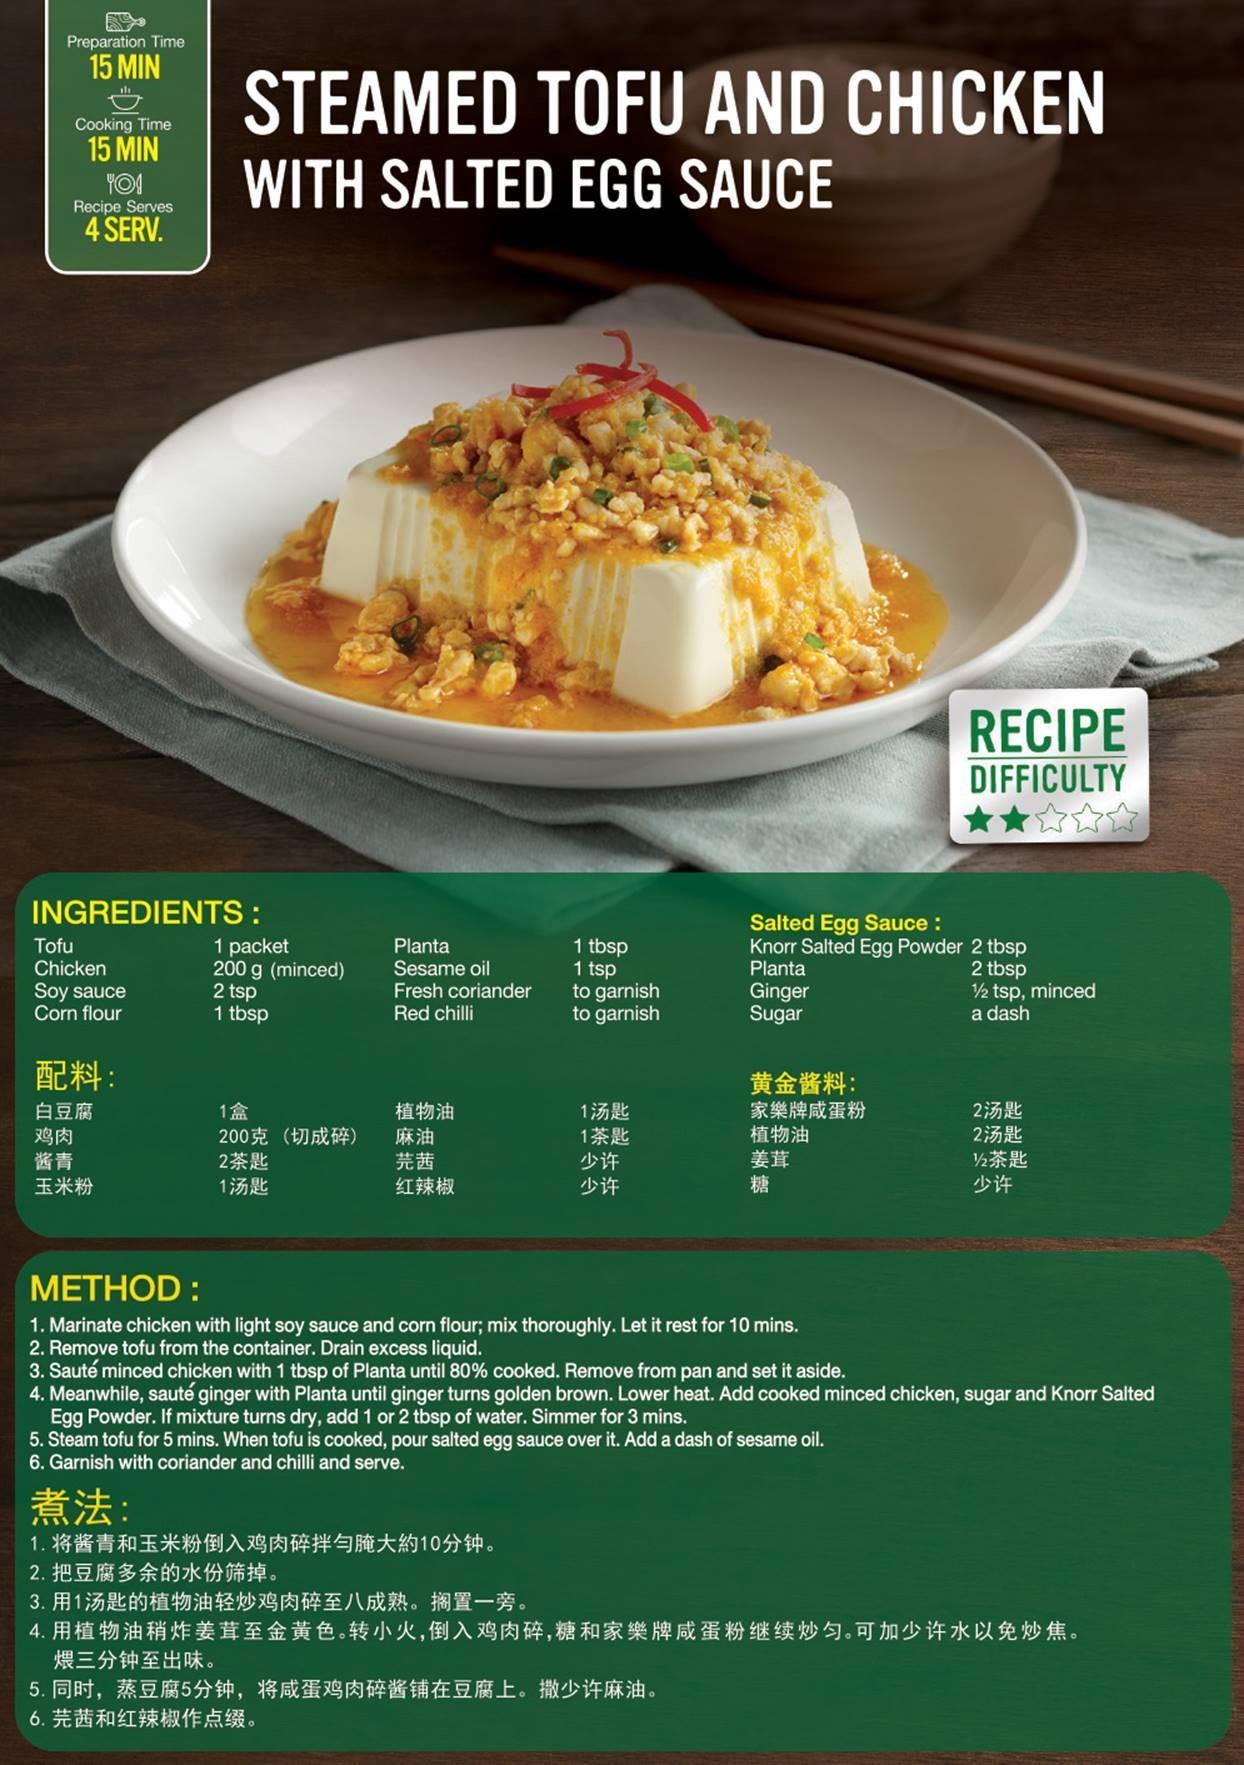 Knorr Salted Egg Recipe - Steam Tofu Chicken.jpg